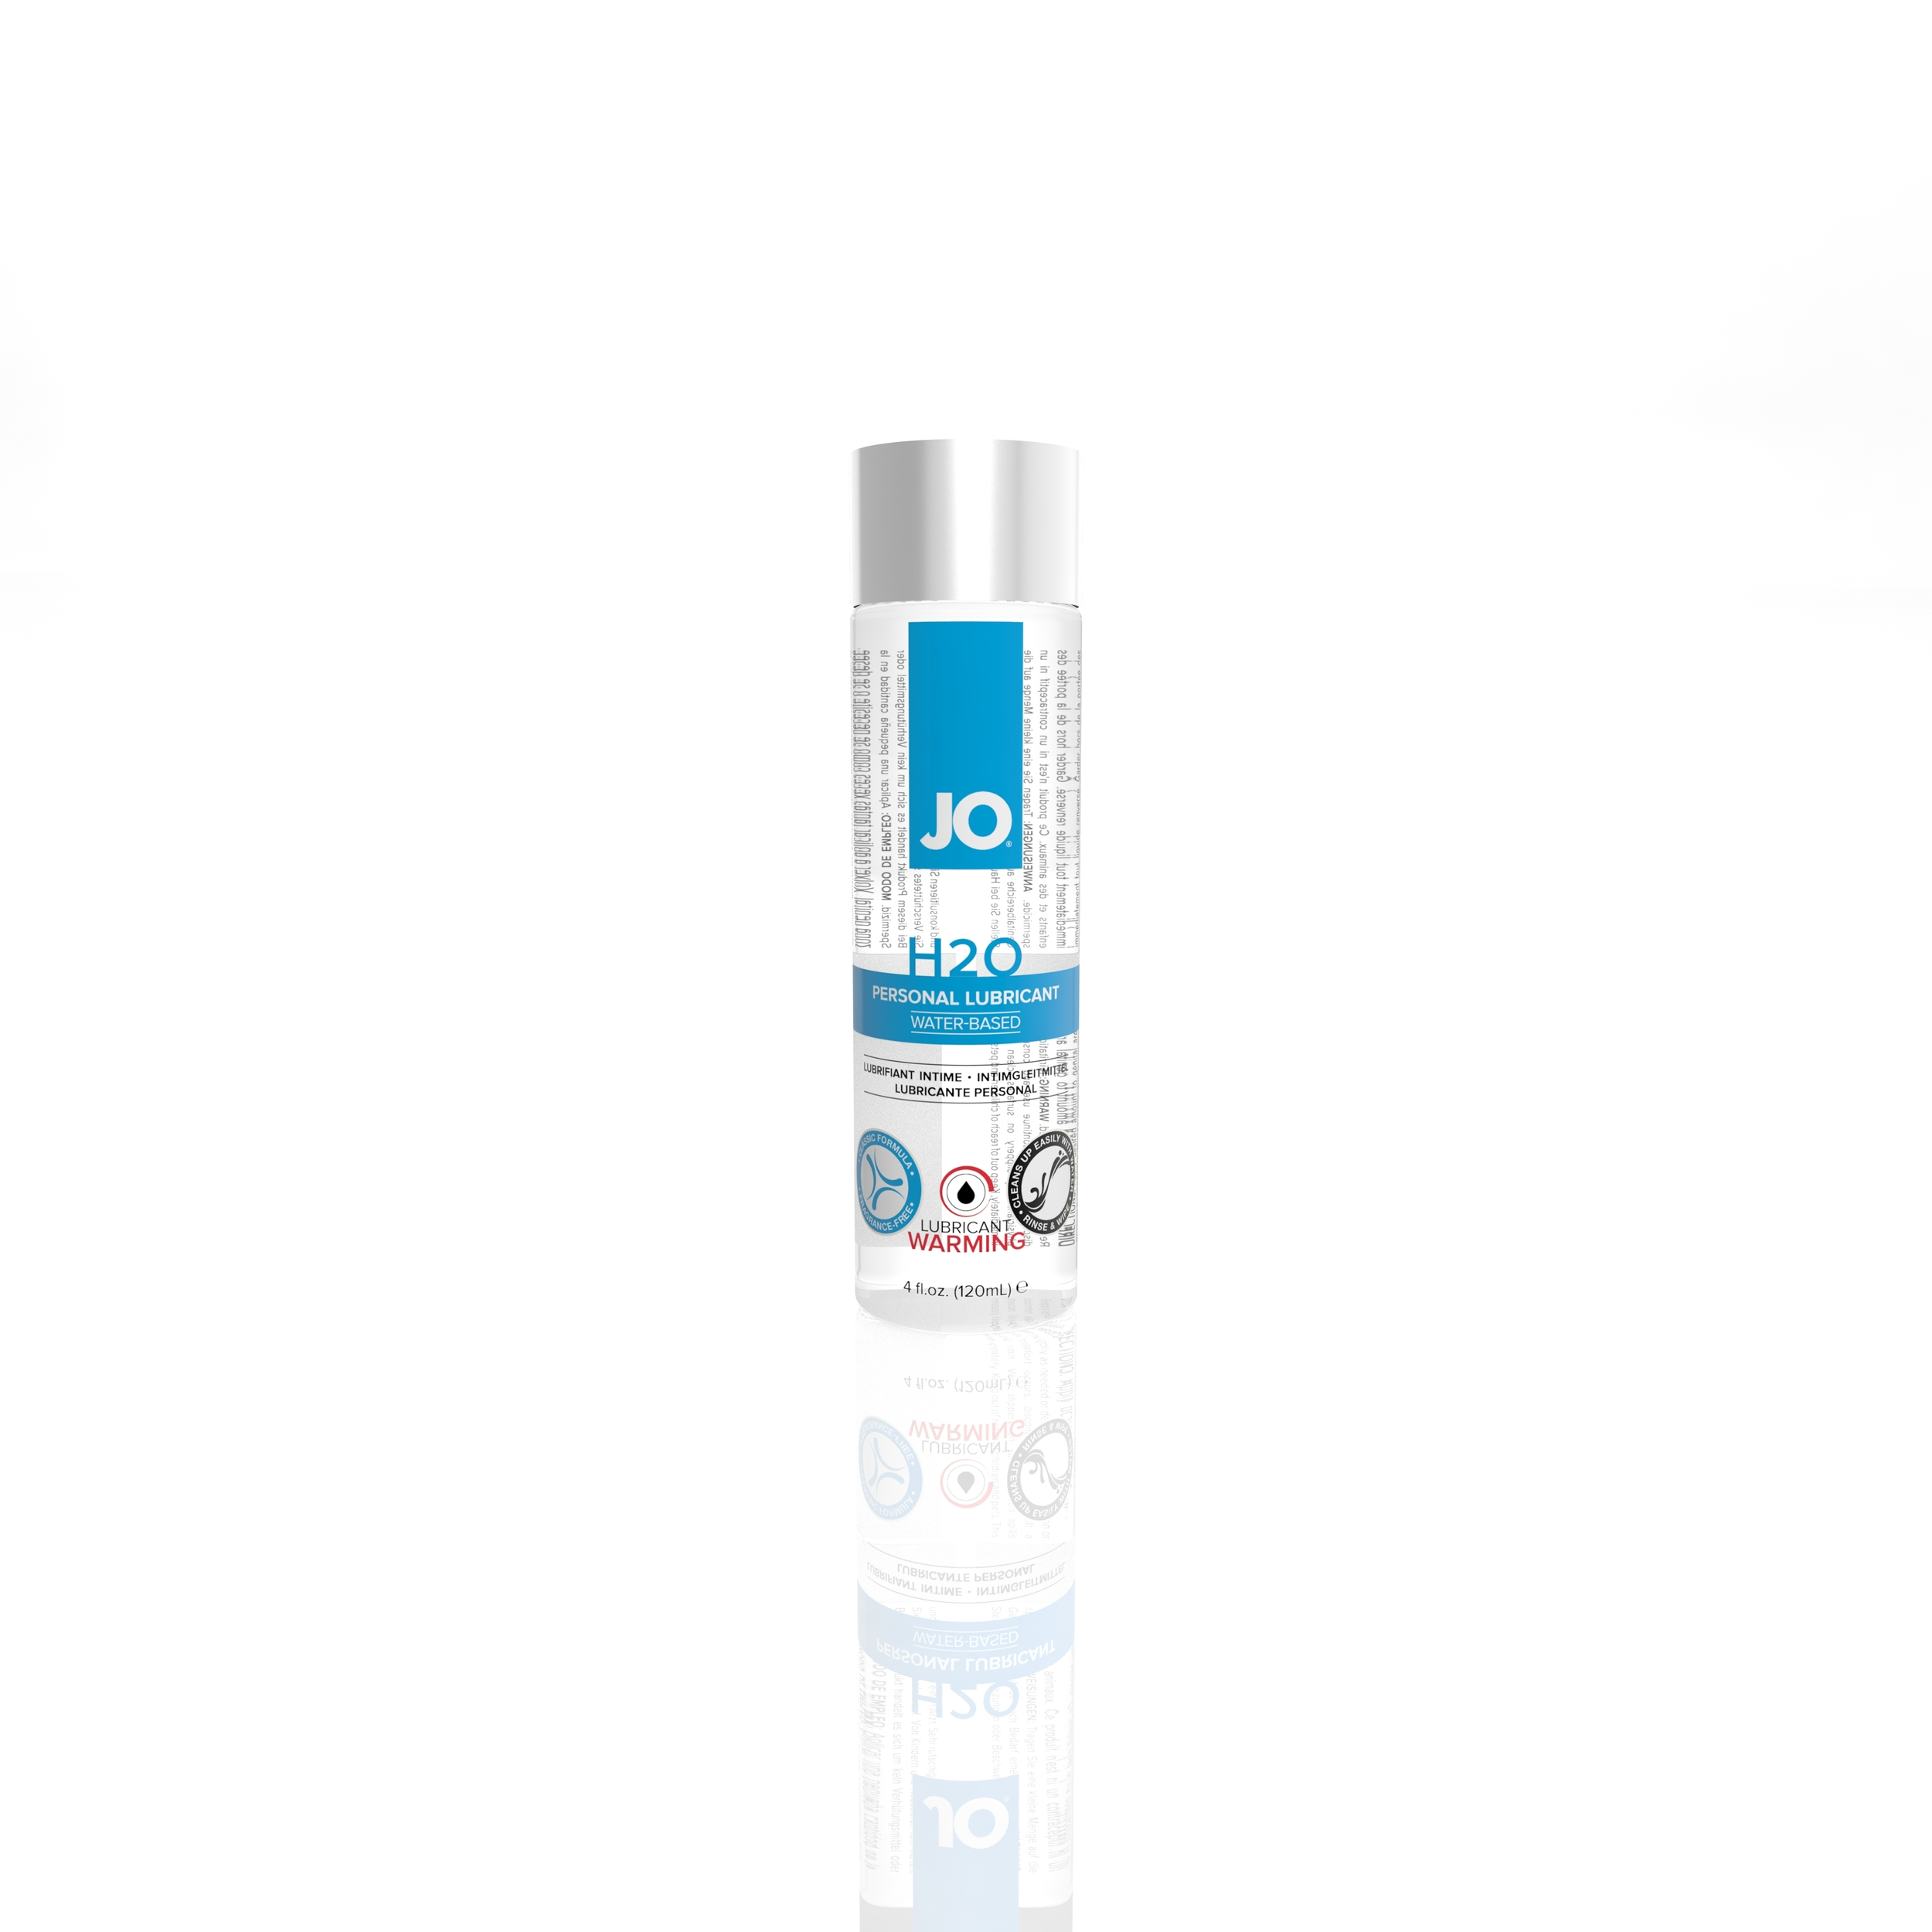 40079 - JO H2O LUBRICANT - WARMING - 4fl.oz120mL.jpg